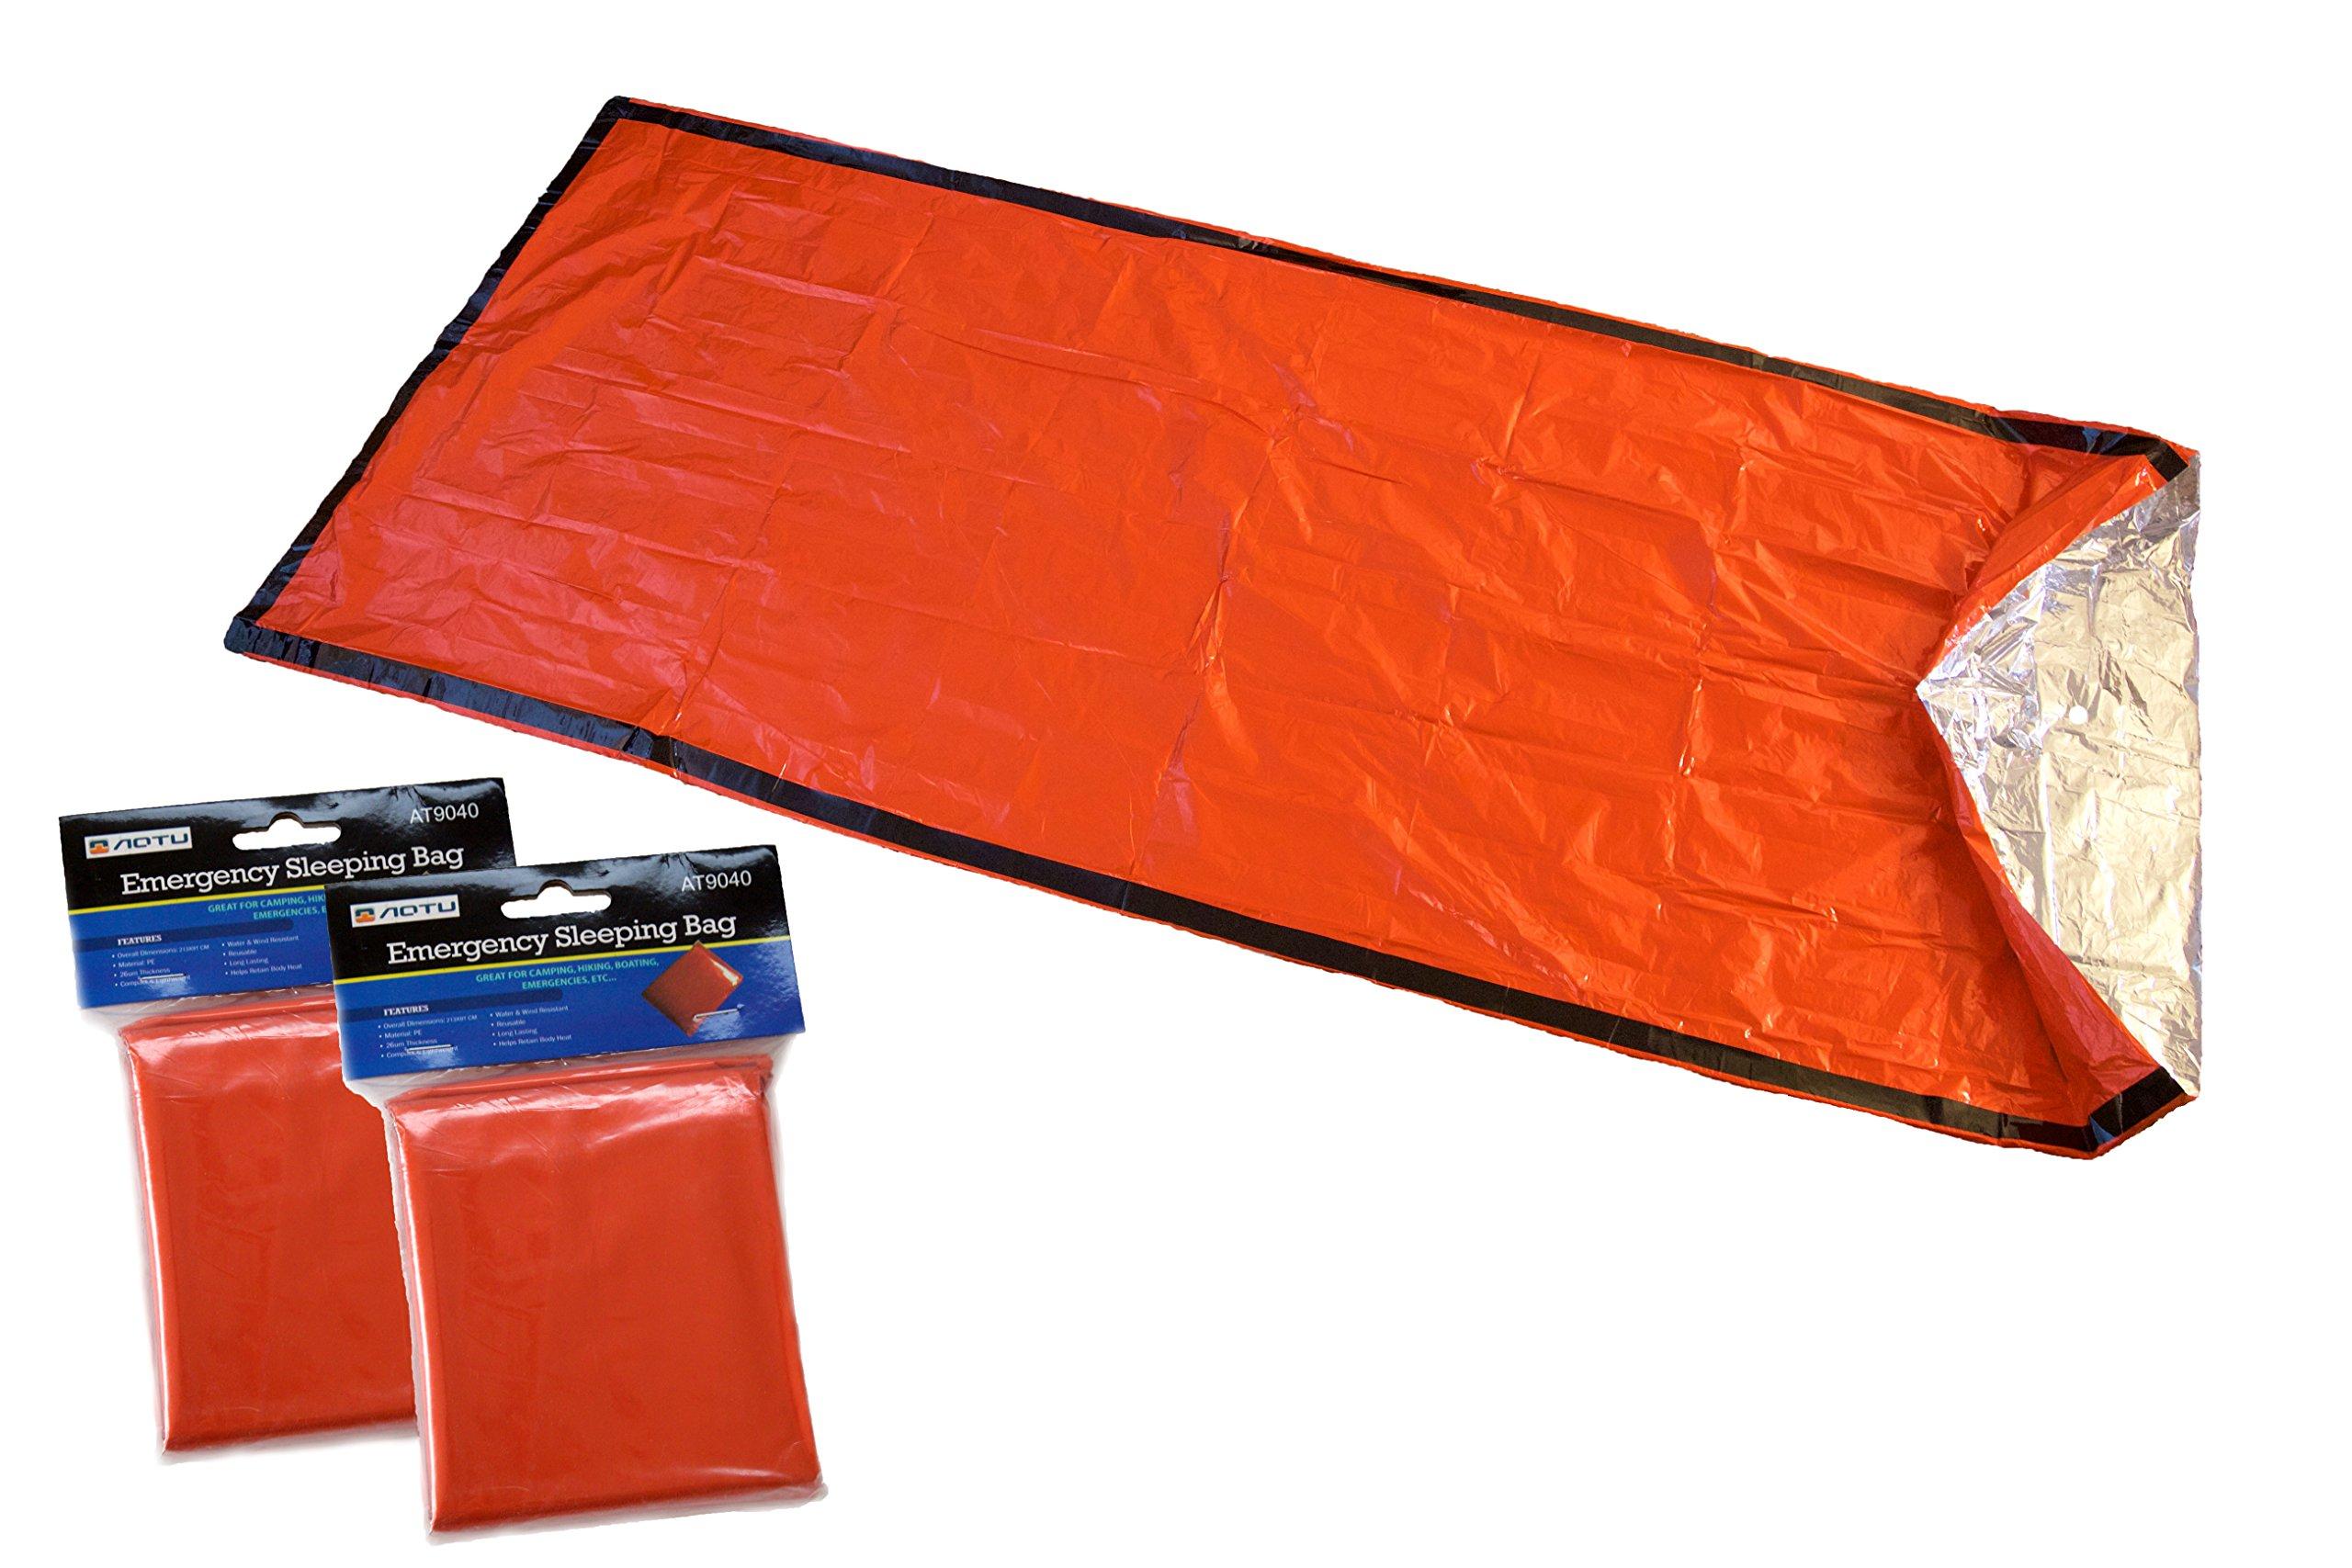 AOTU Emergency Sleeping Bag (2 Pack)